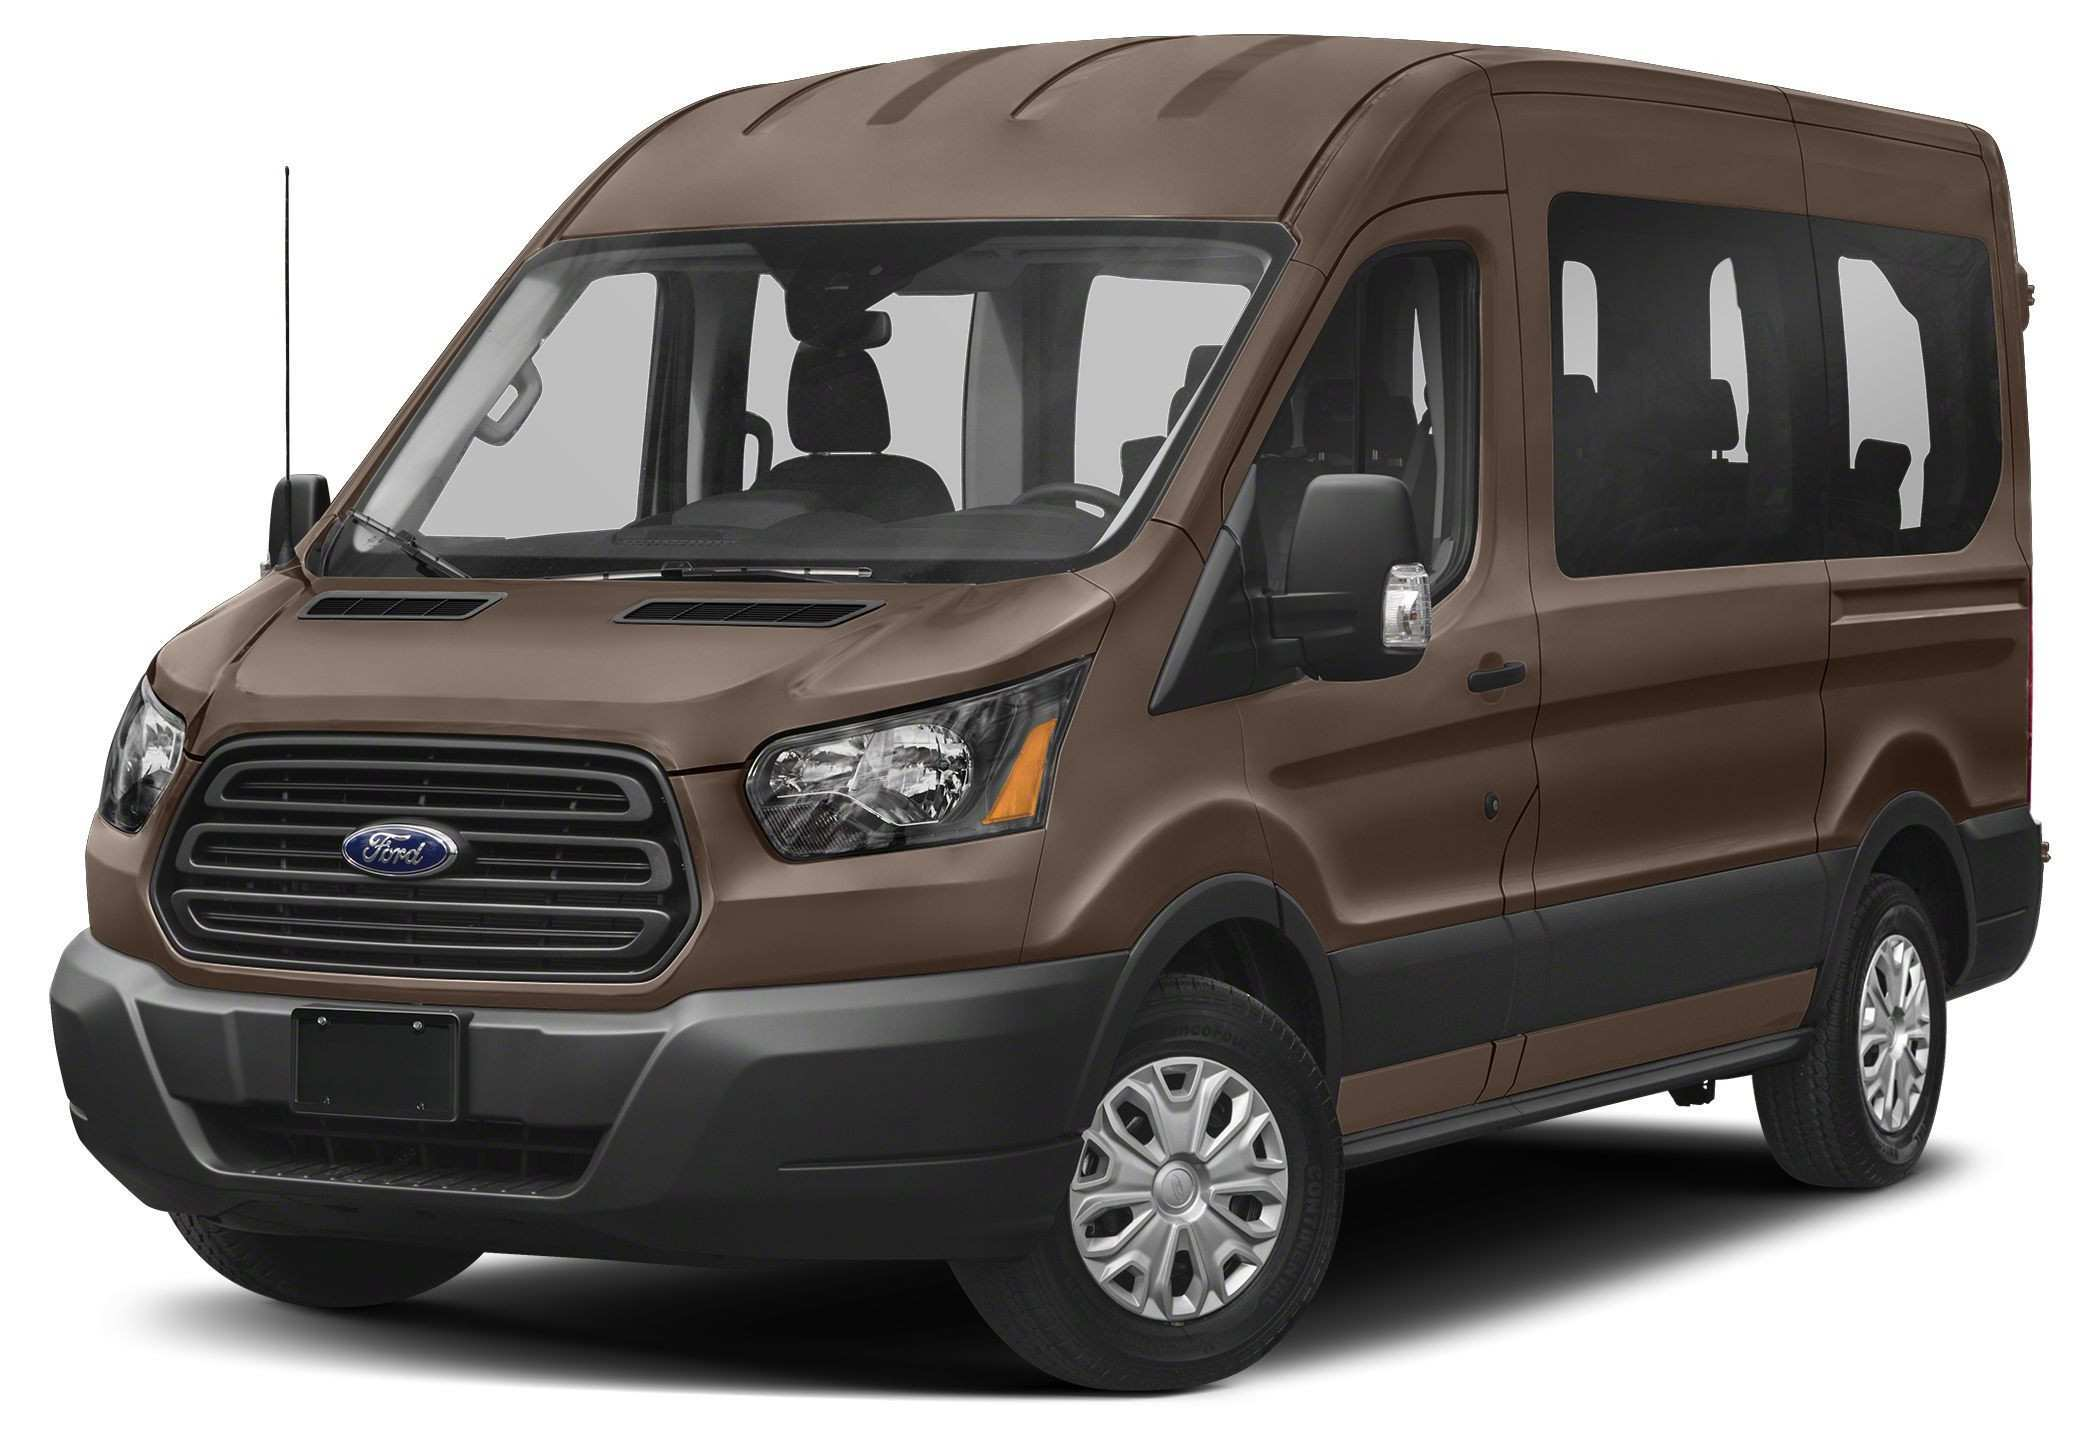 81 Great Nissan Van 2020 New Review by Nissan Van 2020